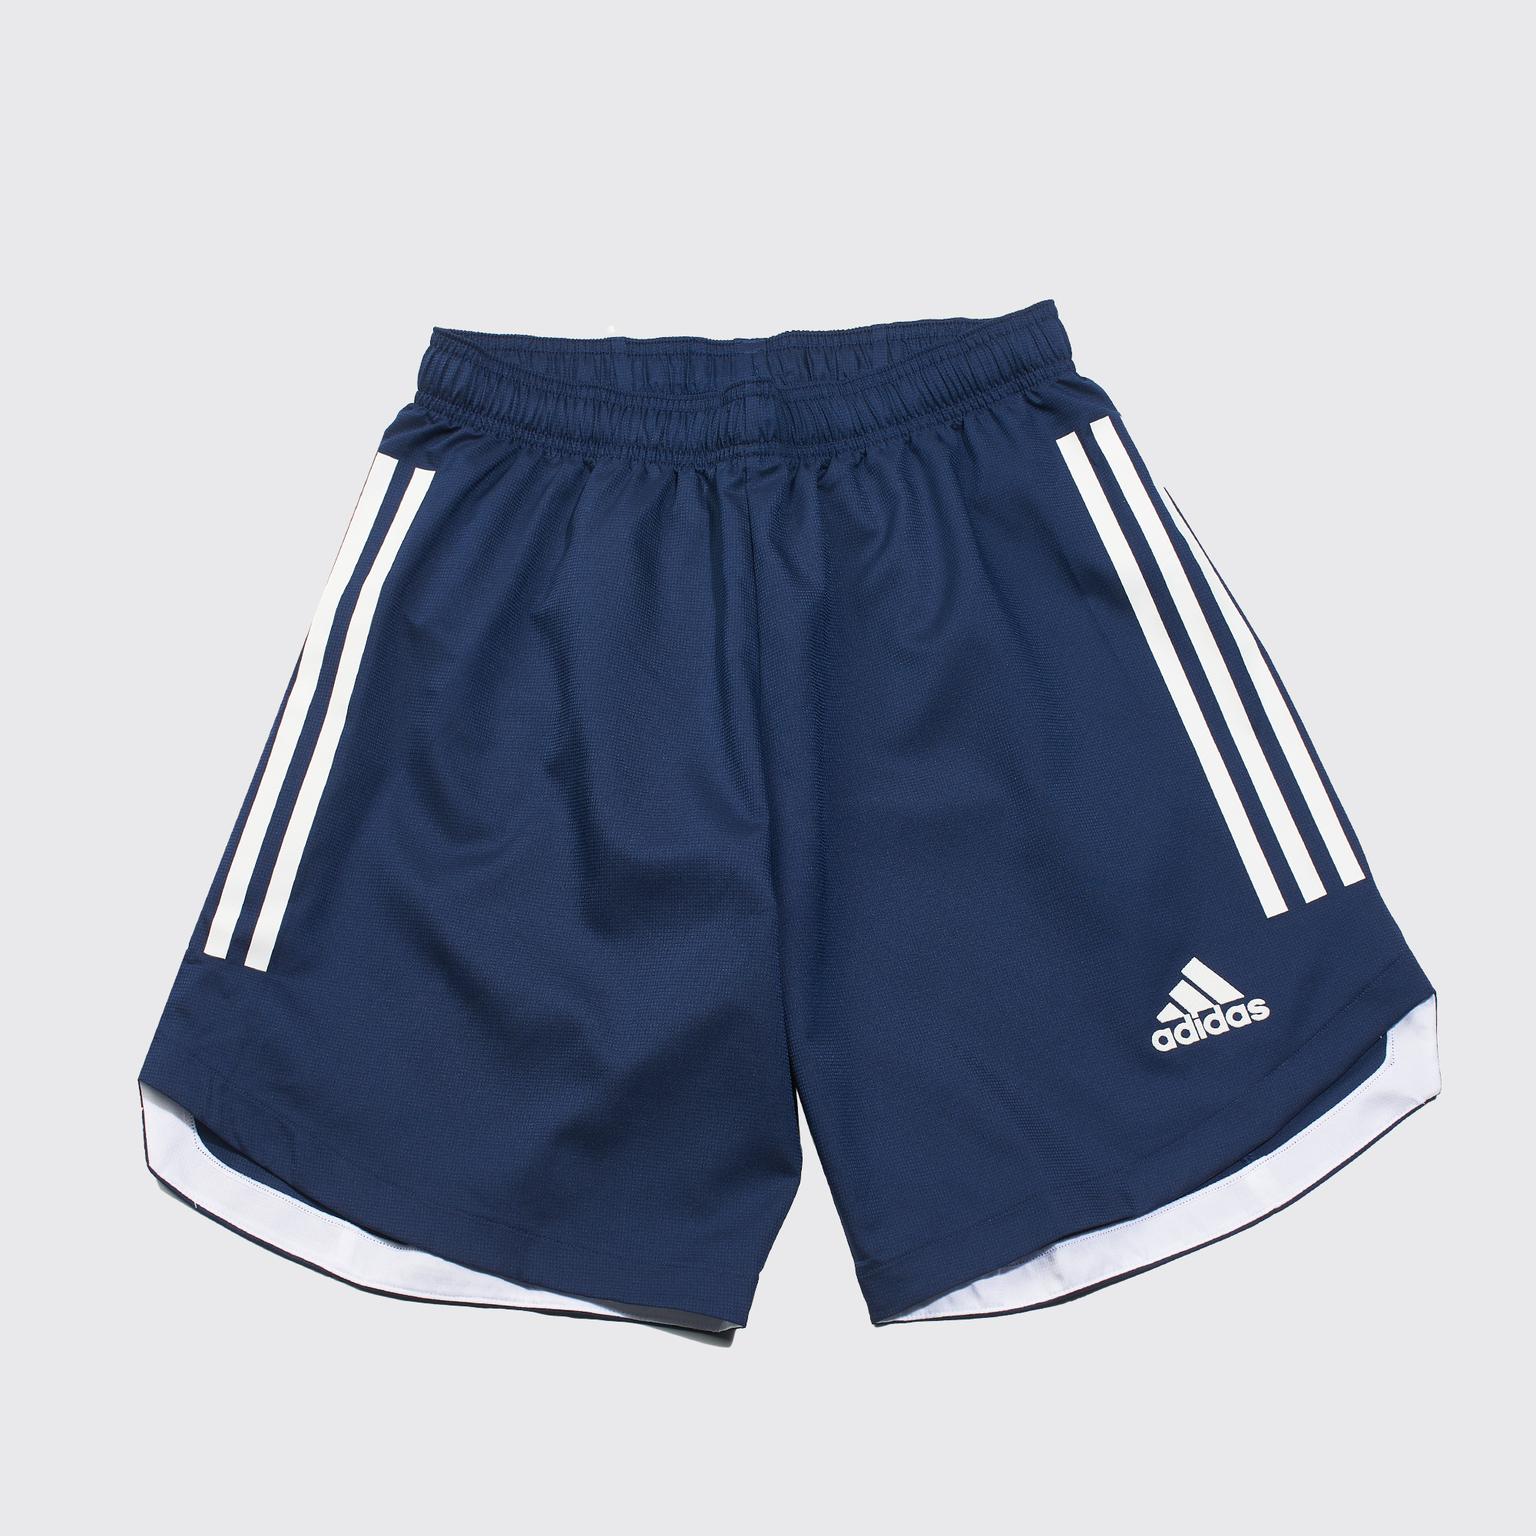 Шорты игровые Adidas Con20 FI4573 шорты игровые adidas tan dt9843